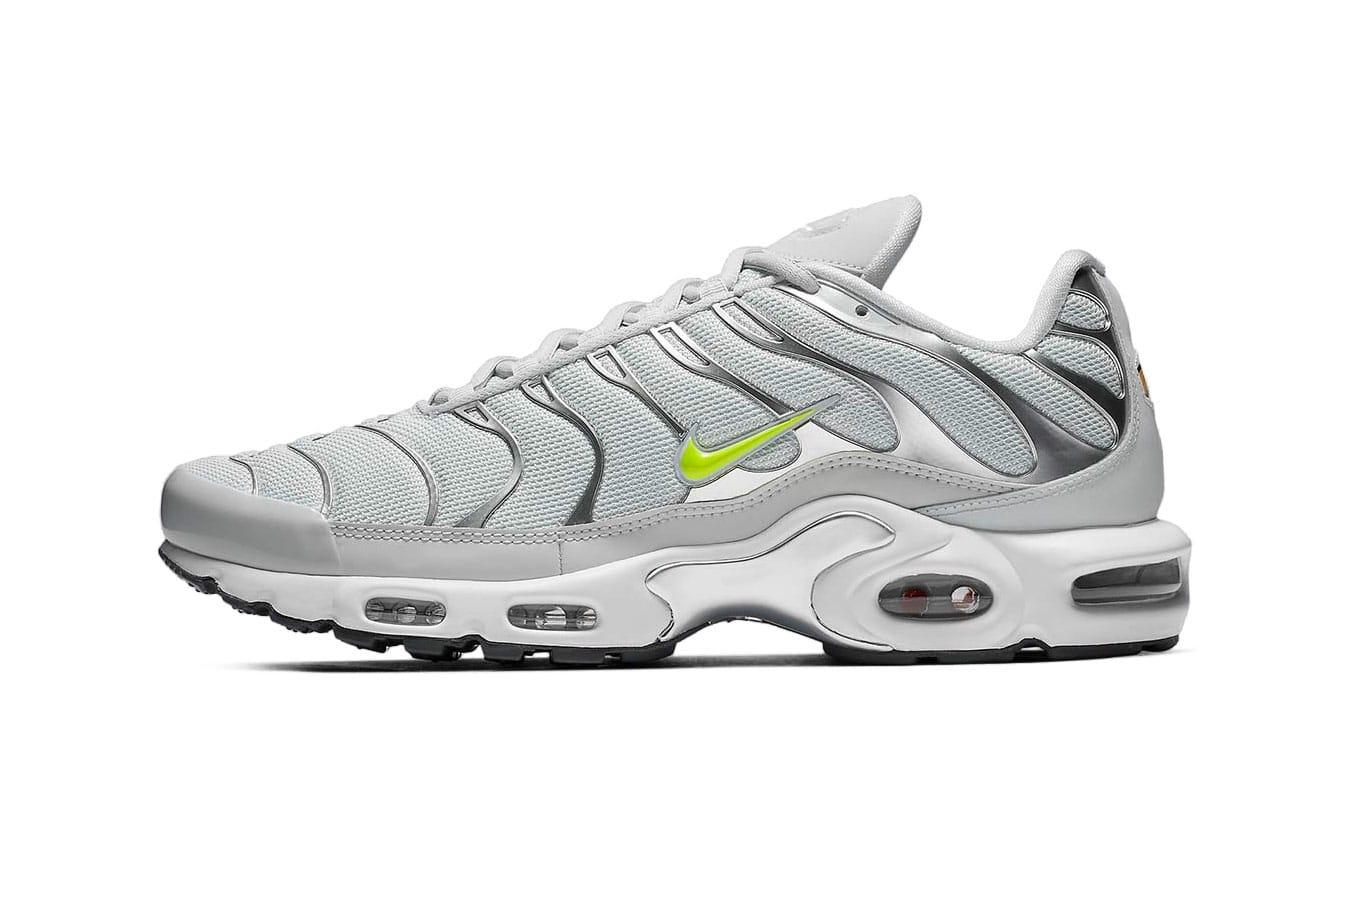 b899f30a0655b8 Nike Air Max Plus Tuned 1 White Tiger Nike Tuned Womens